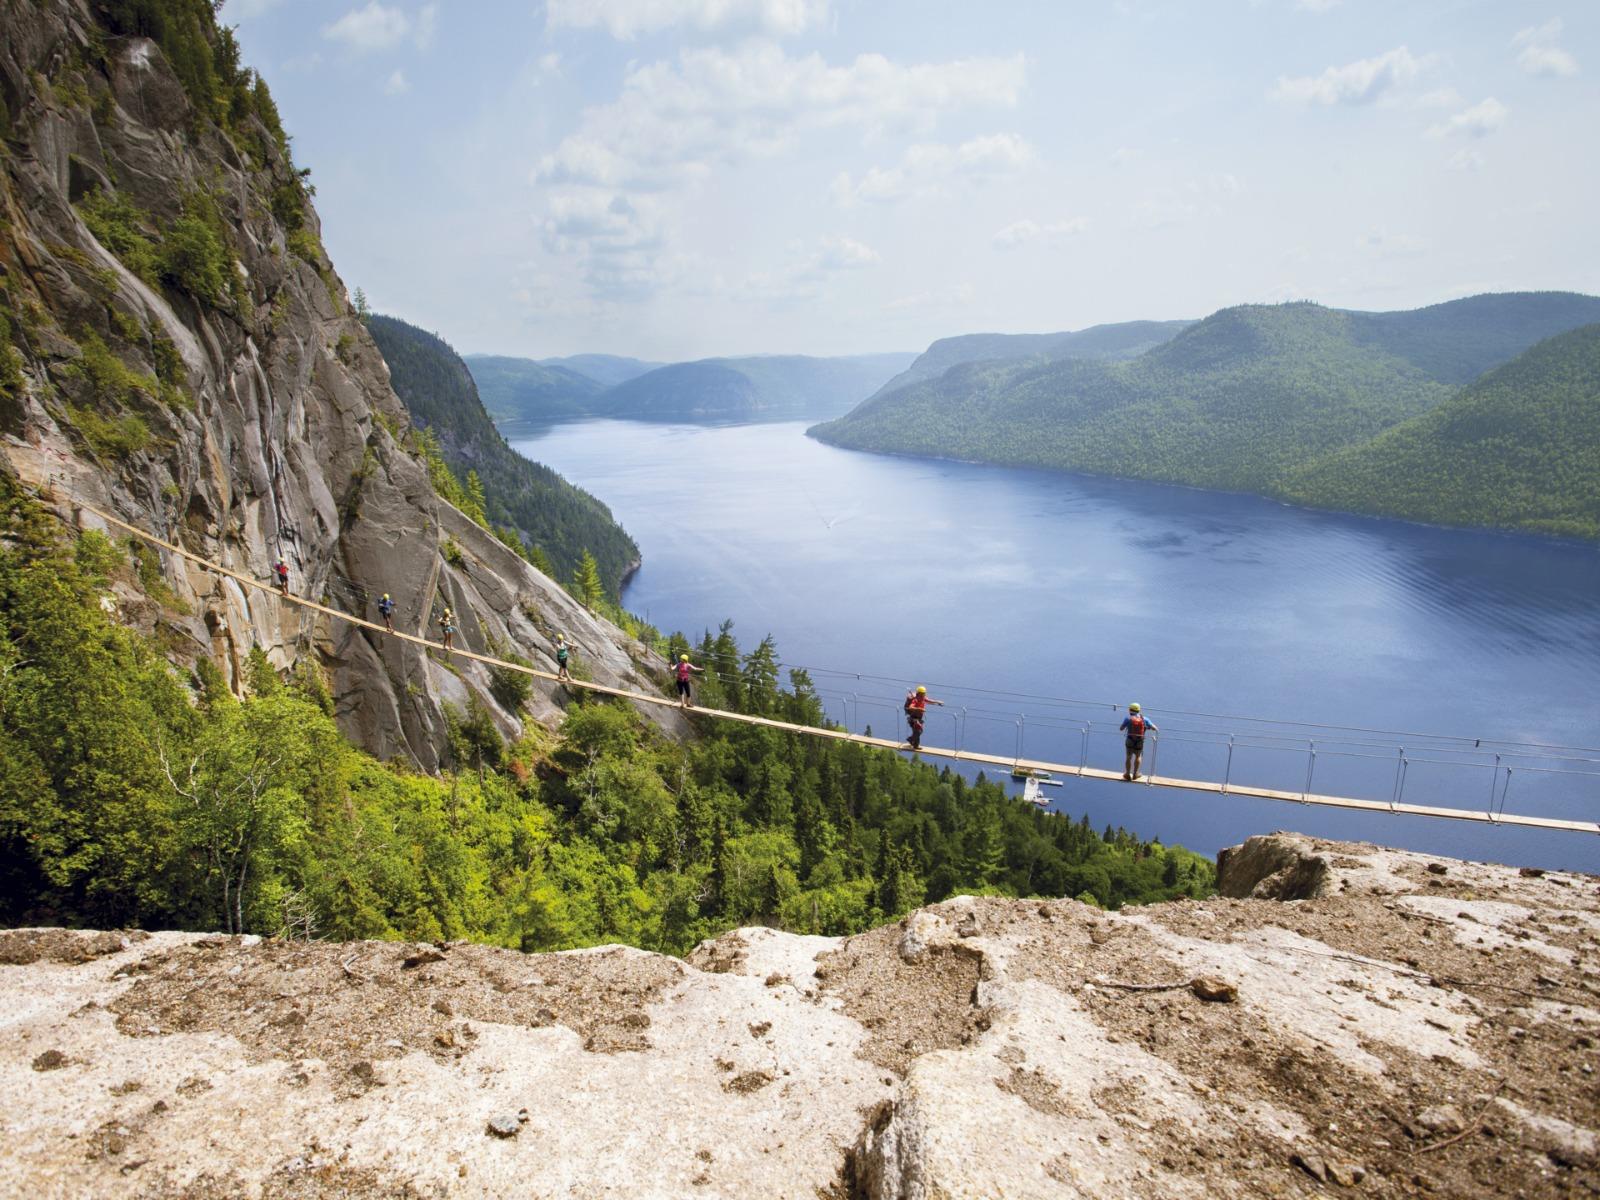 parc national du Fjord Saguenay-Lac-Saint-Jean